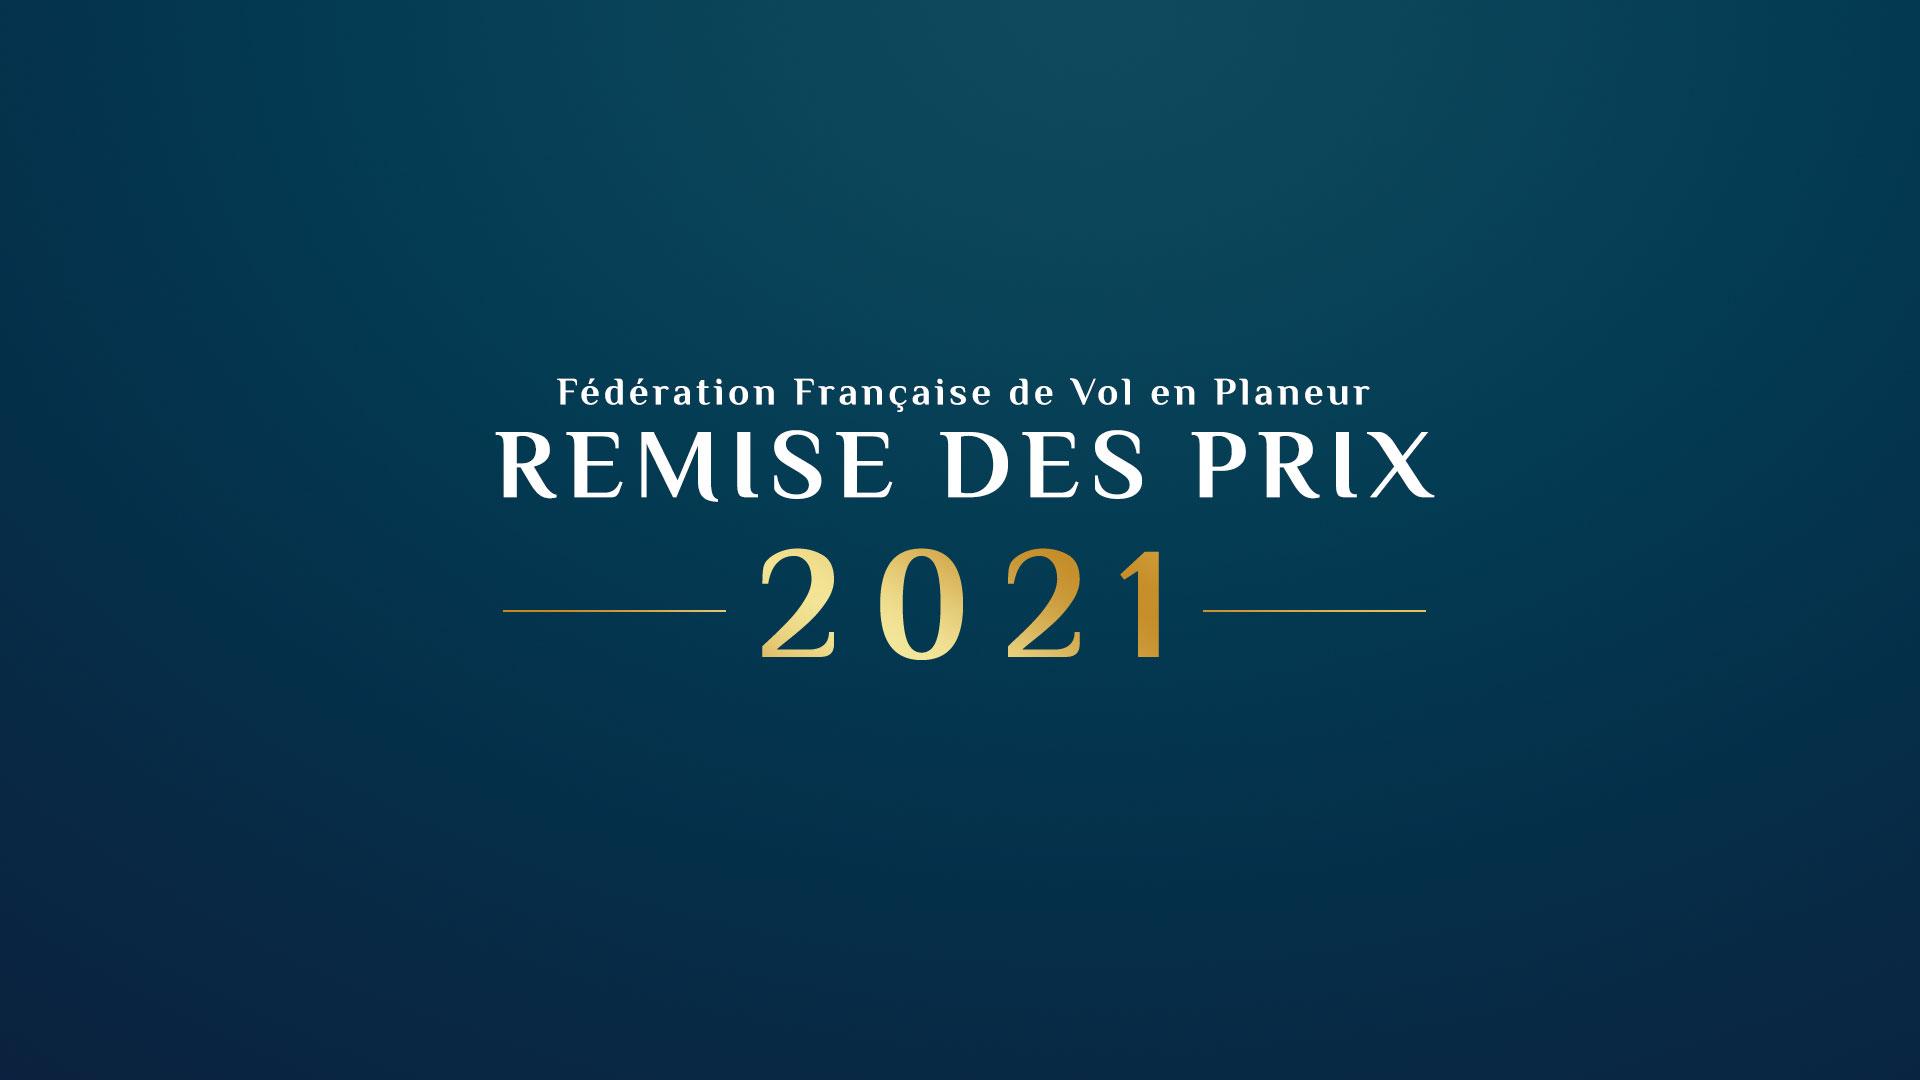 Remise des prix 2021